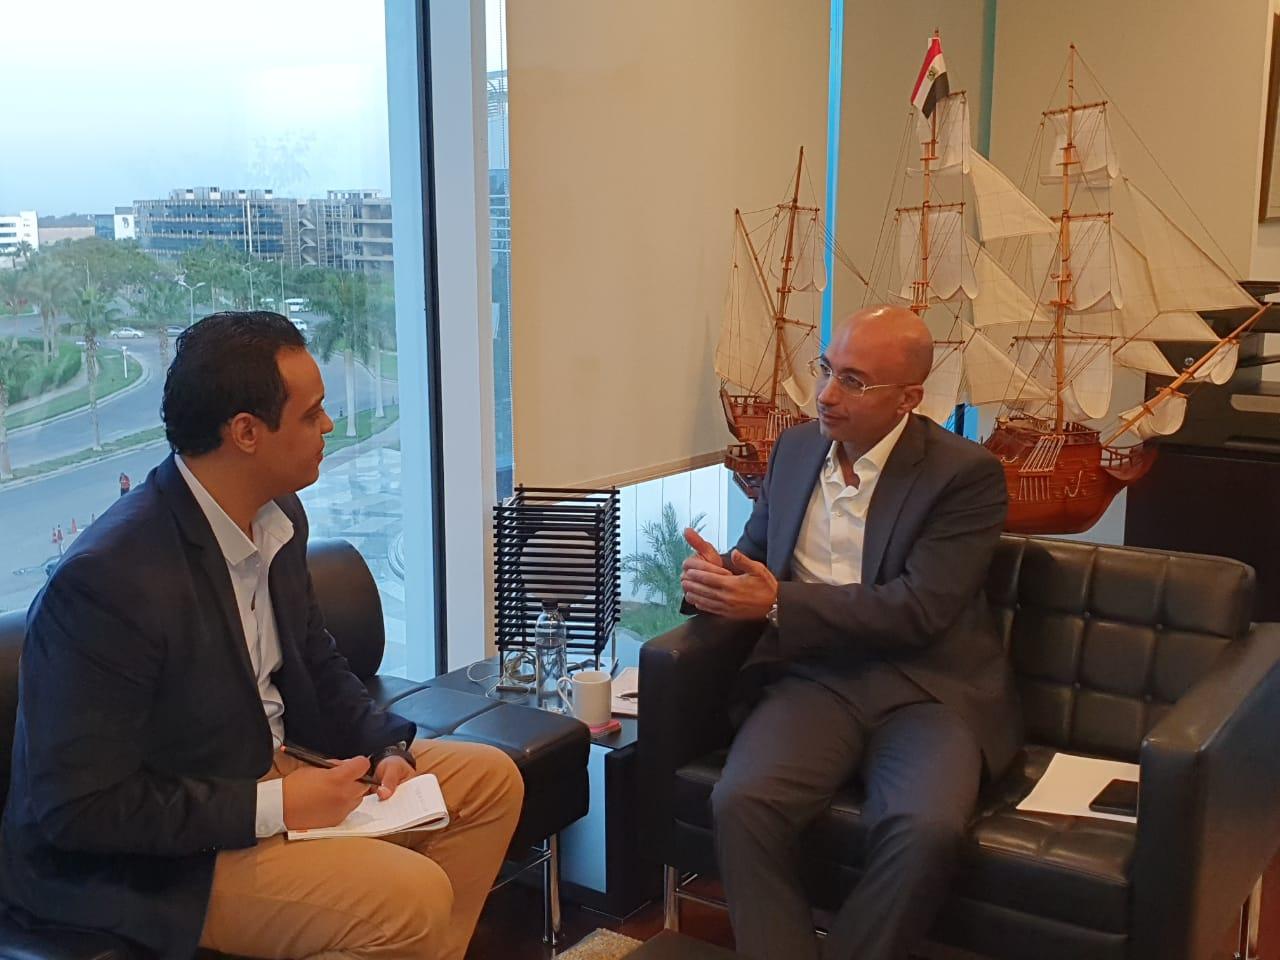 """المهندس ياسر شاكر الرئيس التنفيذي لشركة أورنج يتحدث مع محرر """"دوت مصر"""""""